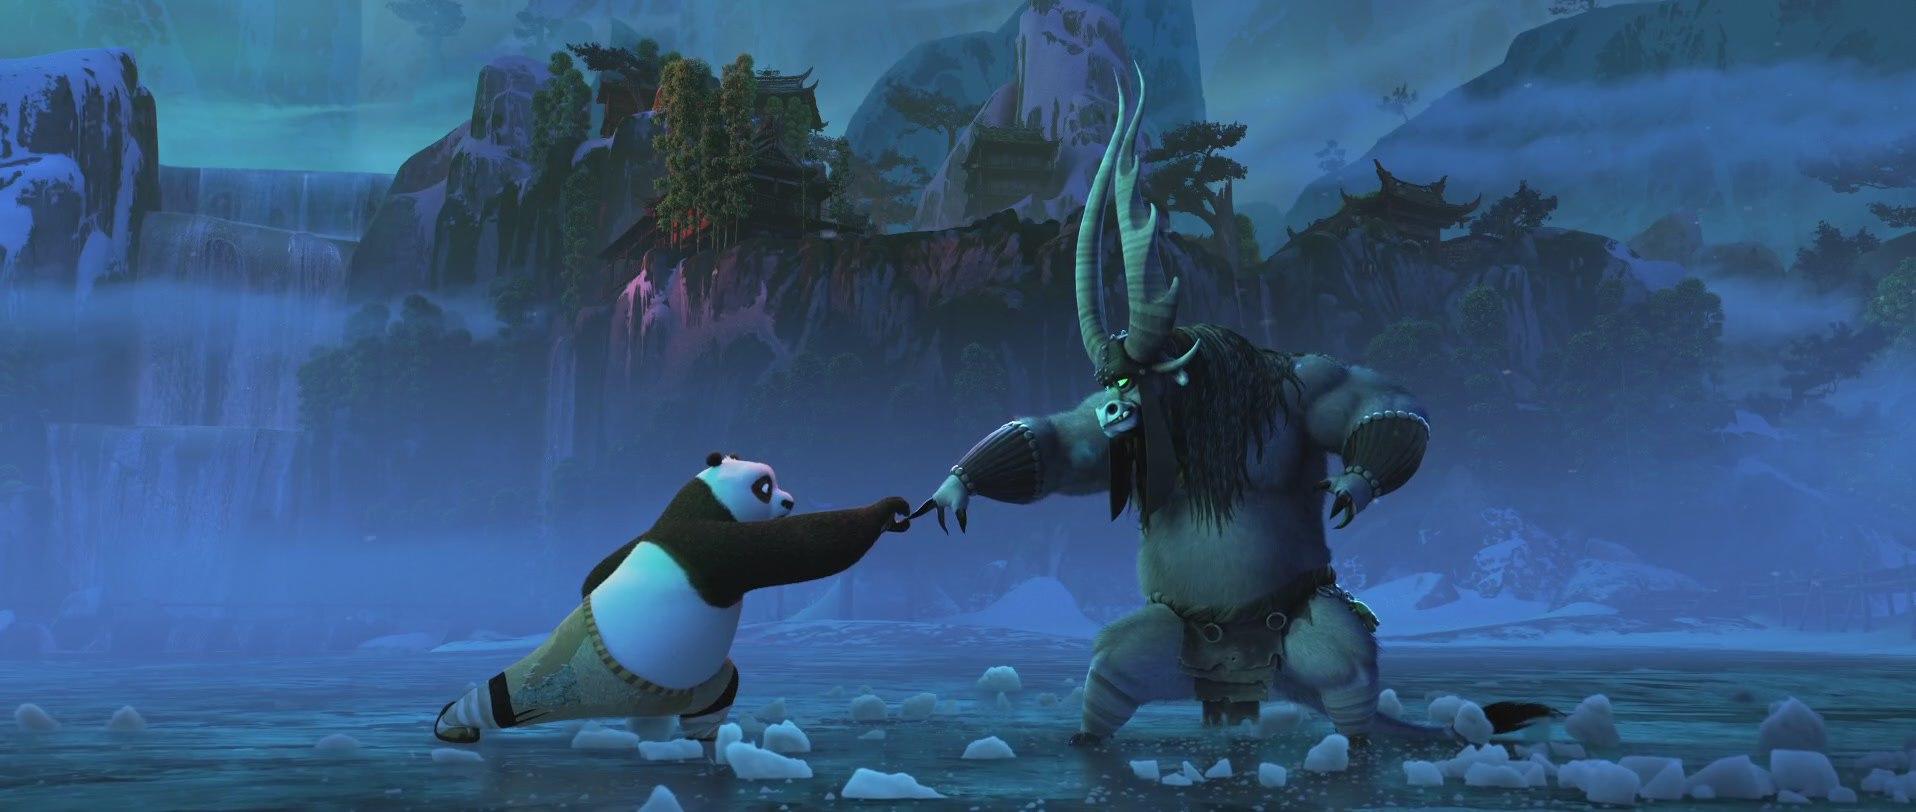 скидыш не работает у кунг-фу панды